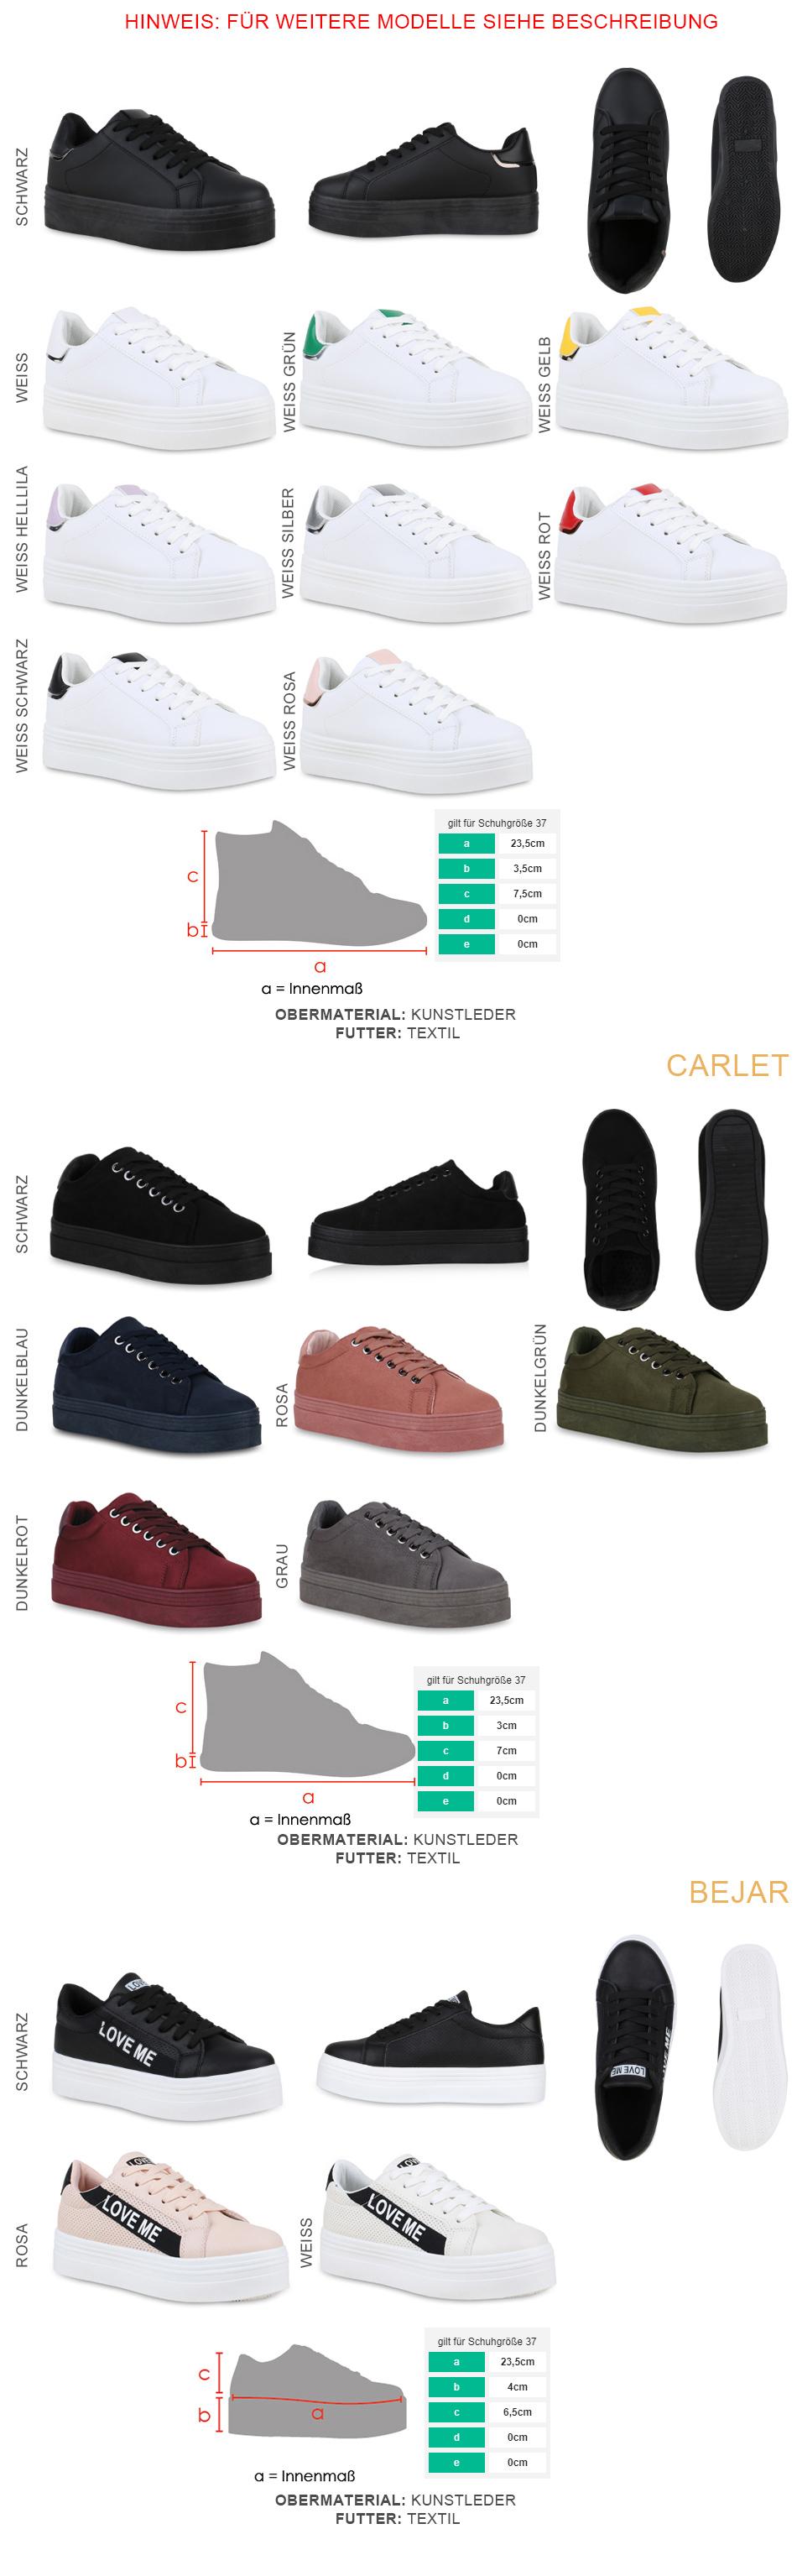 Damen Plateau Sneaker Turnschuhe Schnürer Metallic Plateauschuhe 825902 Trendy